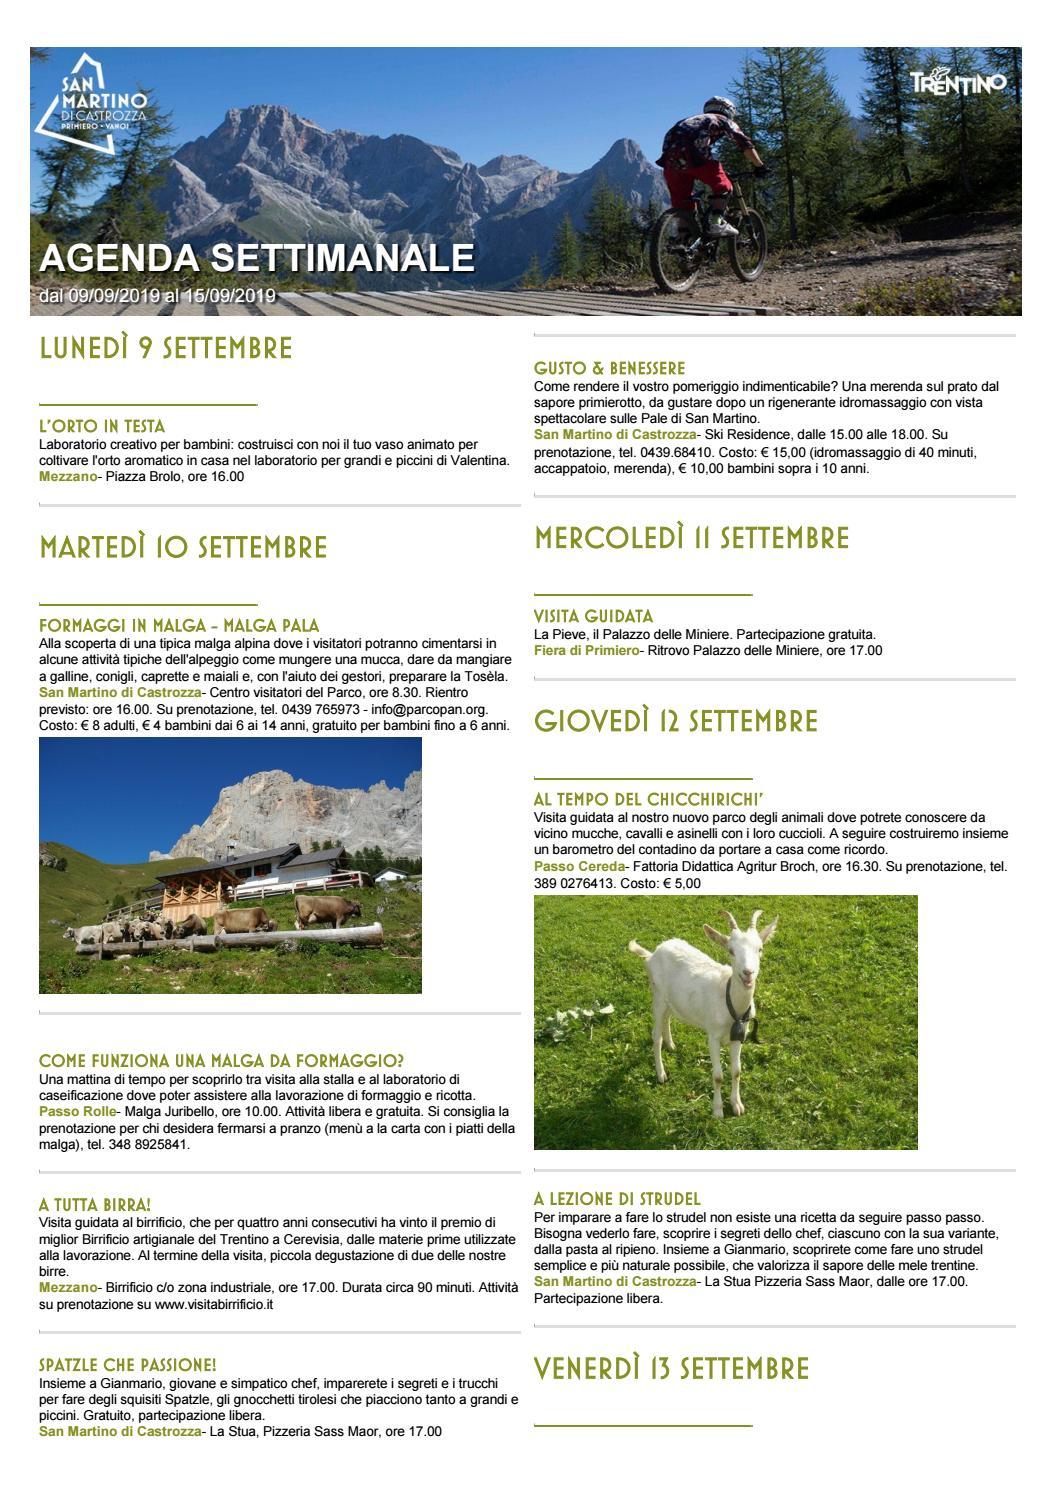 Prato Rigenerante Come Funziona agenda eventi 9-15 settembre 2019 by apt s.mart - issuu